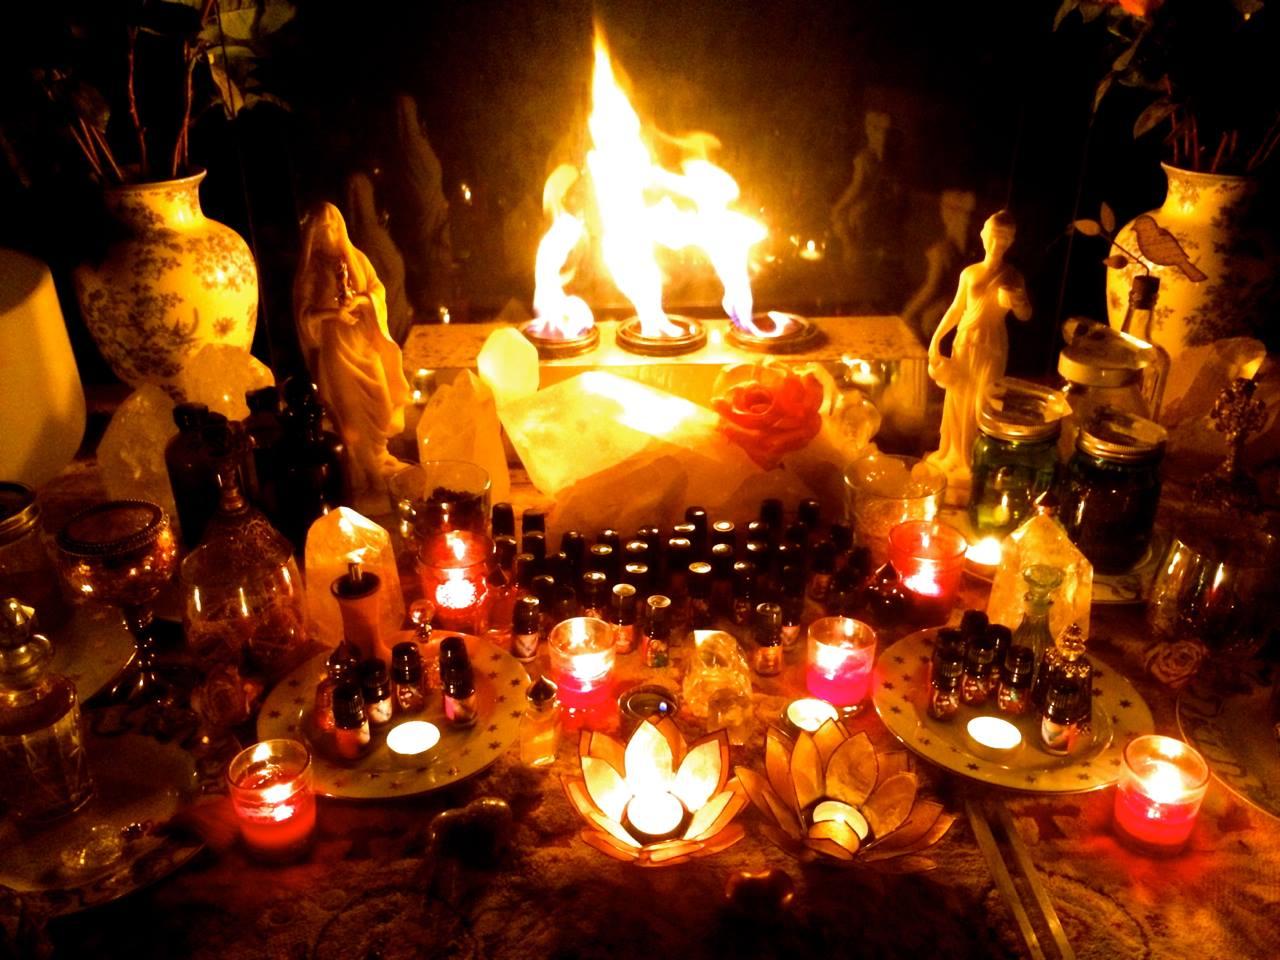 oils consecration fire